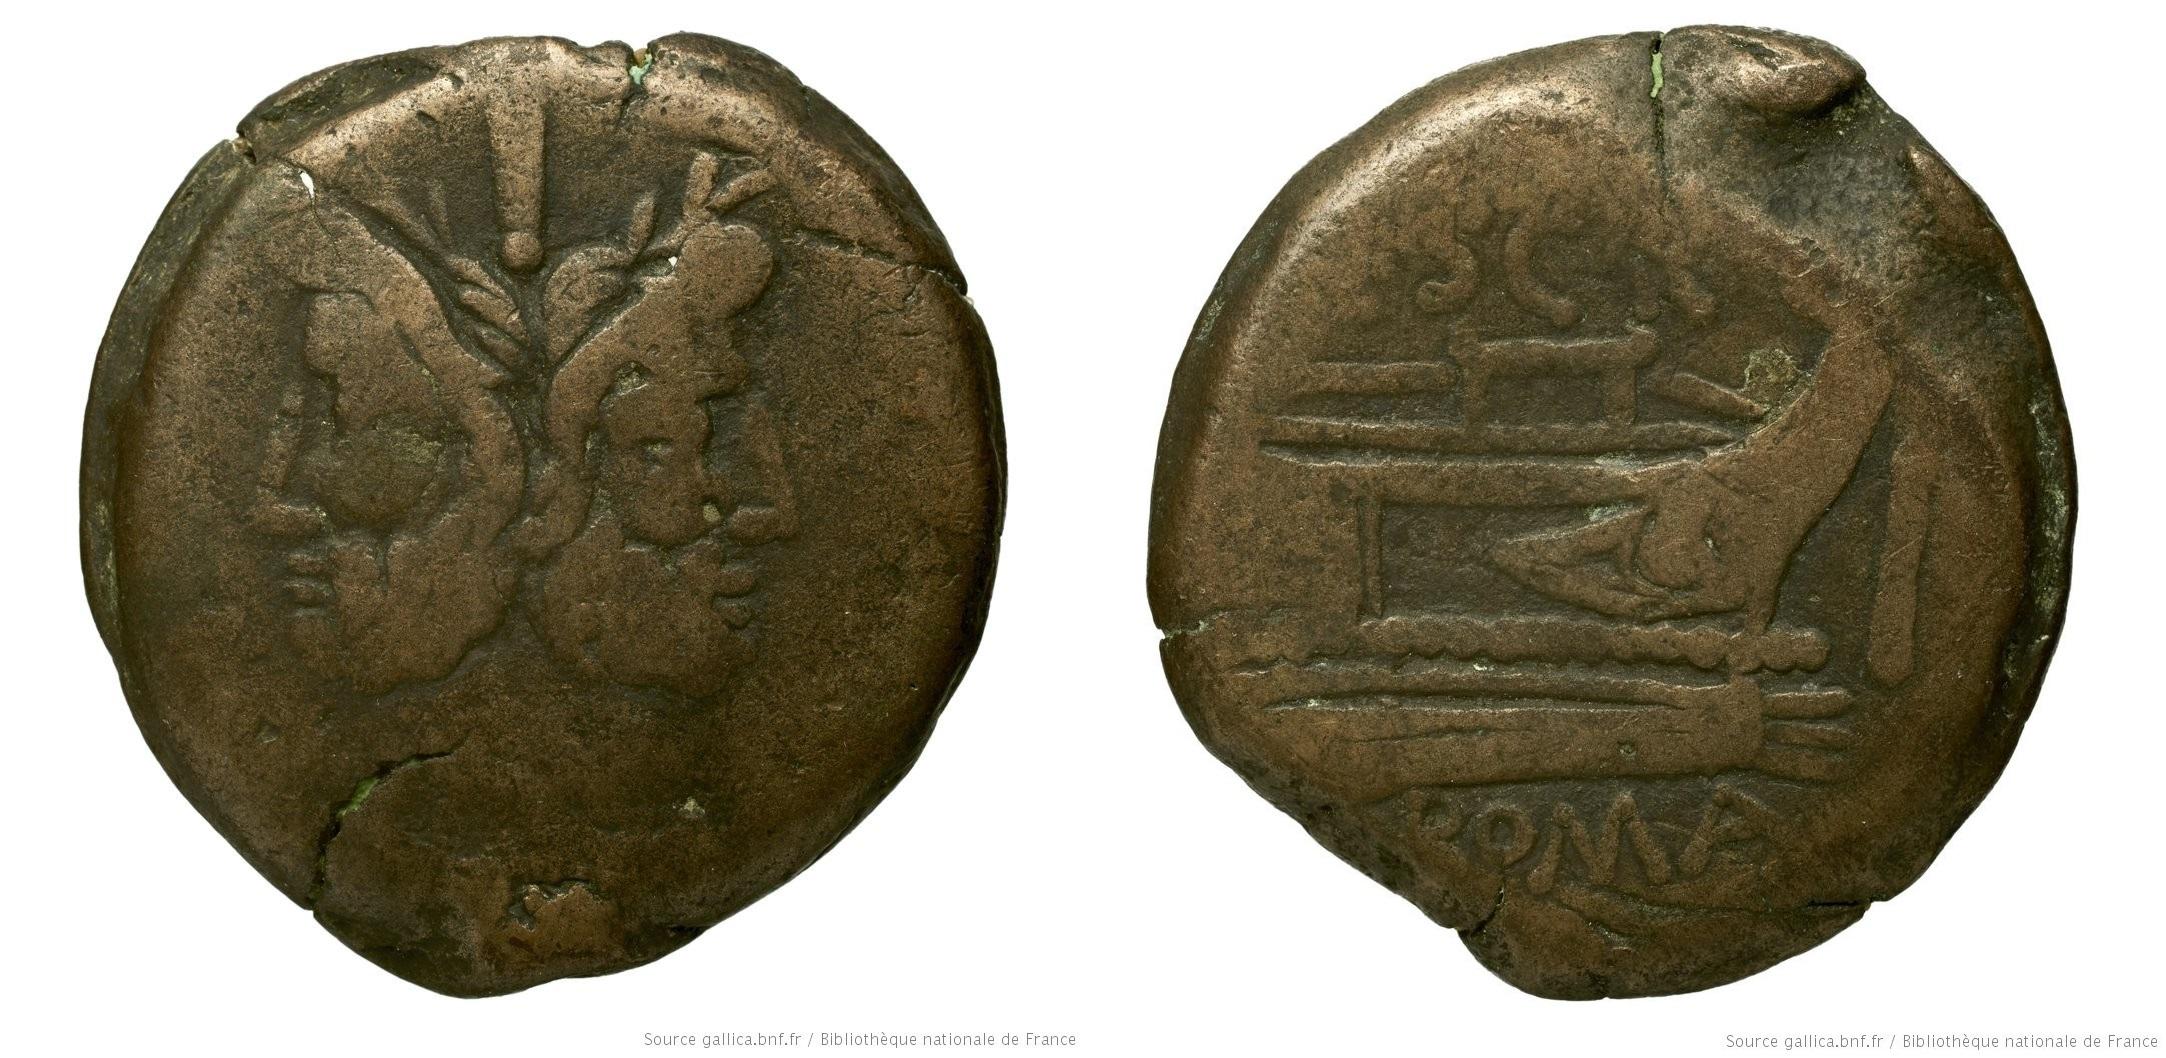 814SC – As Scribonia – Caius Scribonius